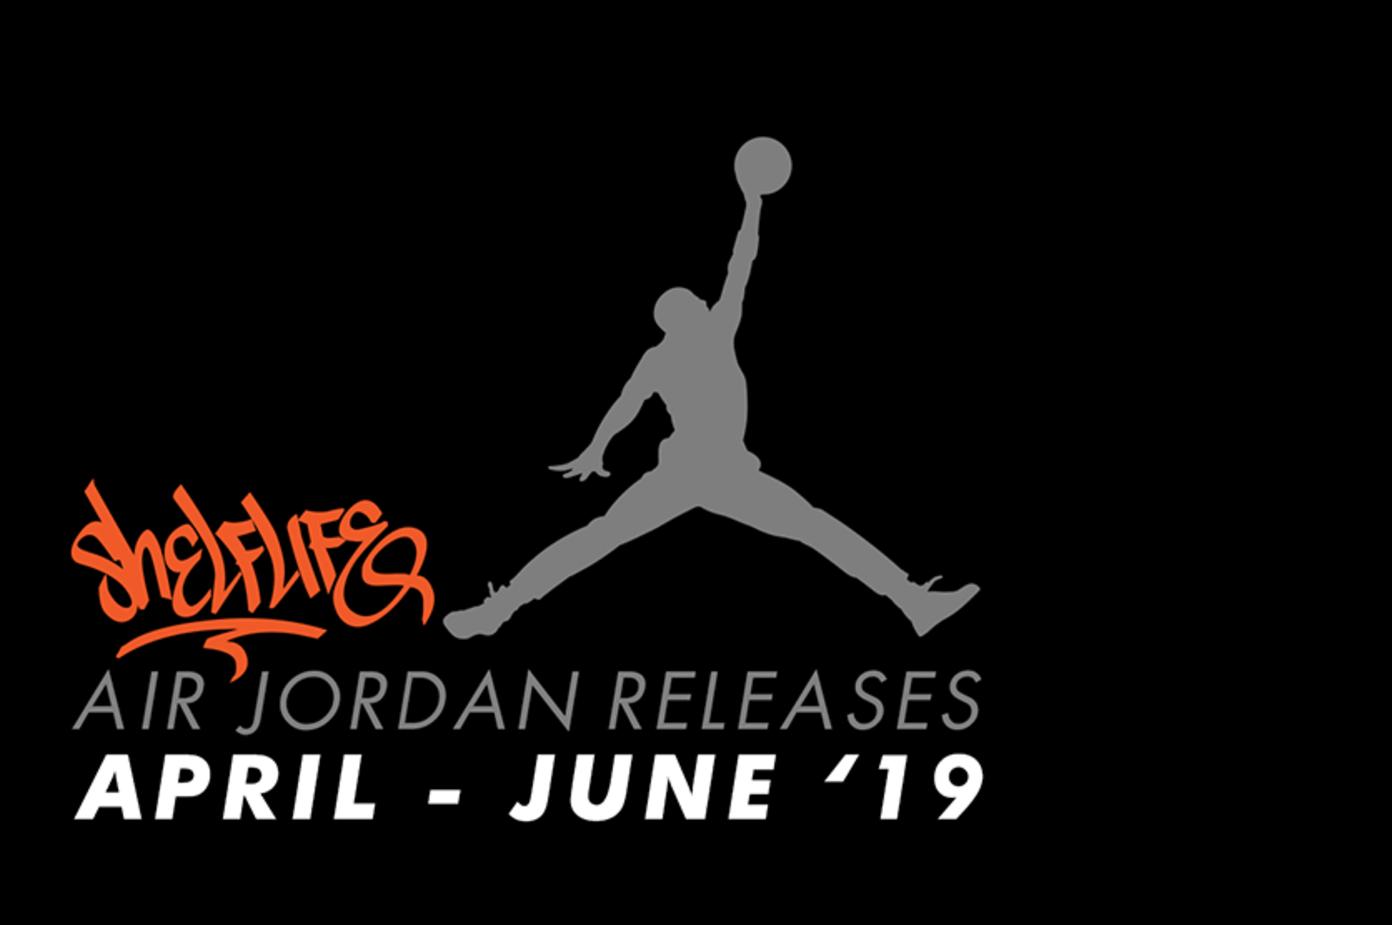 Nike Air Jordan Release Dates April - June 2019   Shelflife